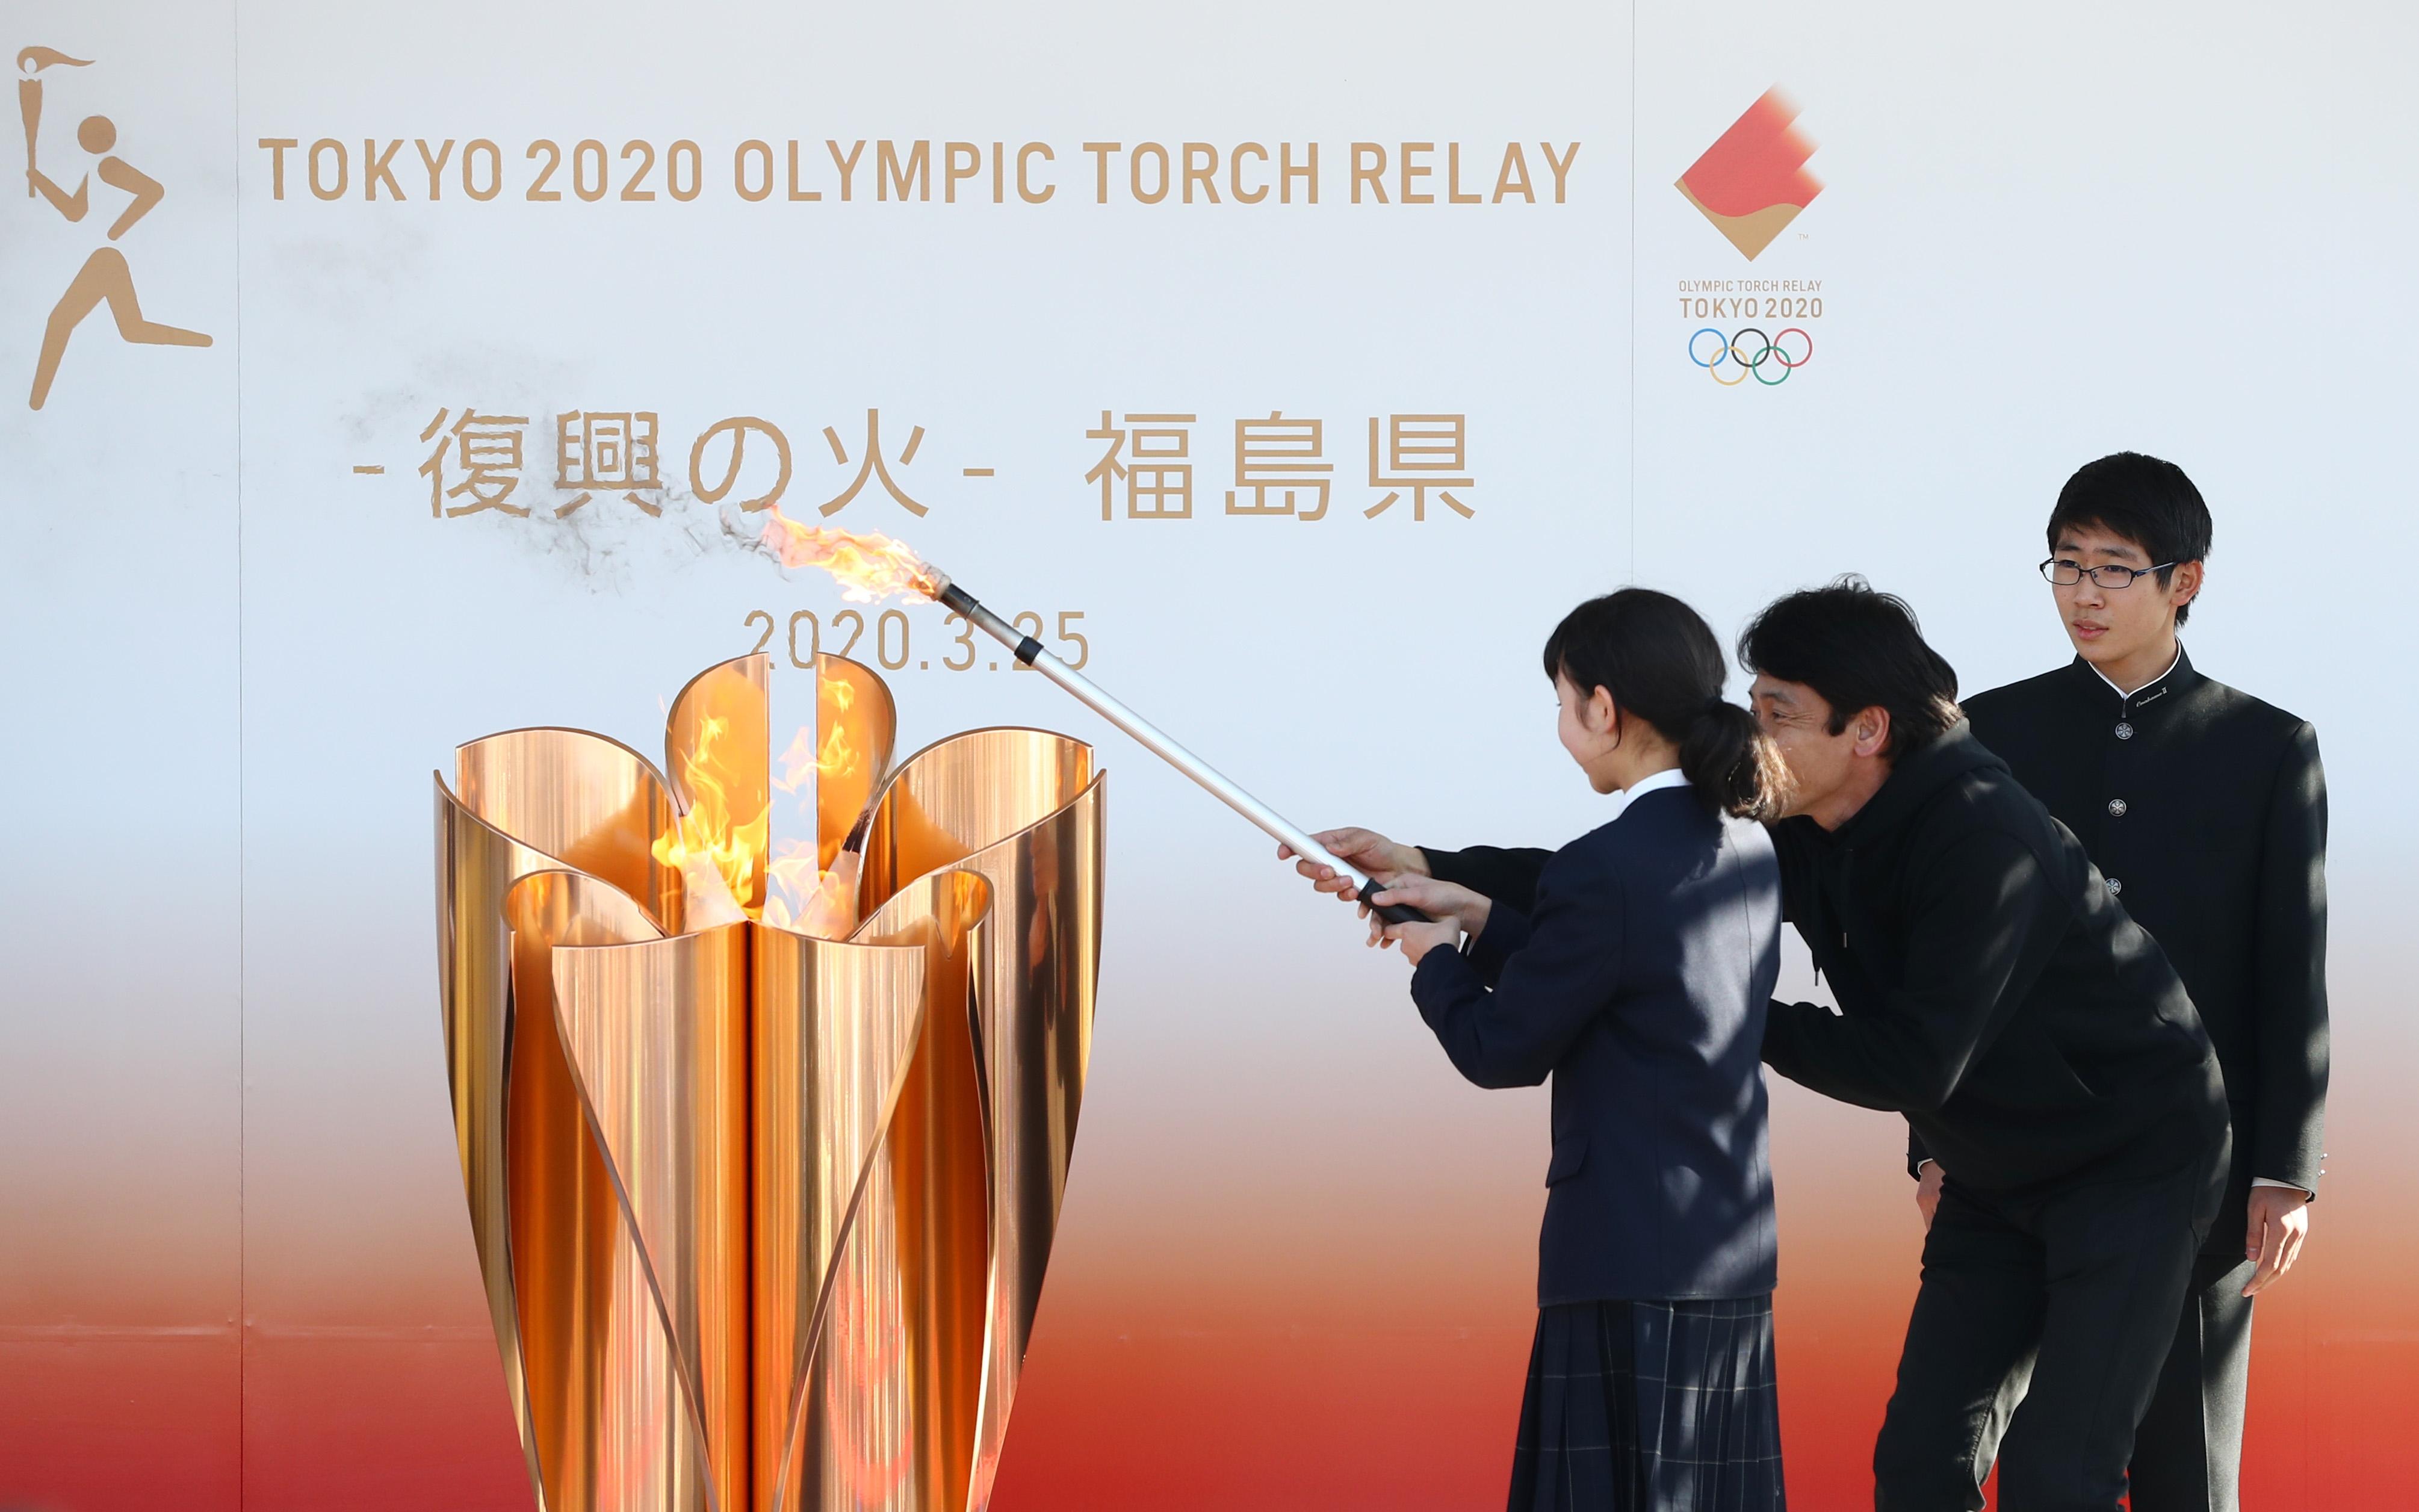 东京奥运会火炬接力定于2021年3月25日启动